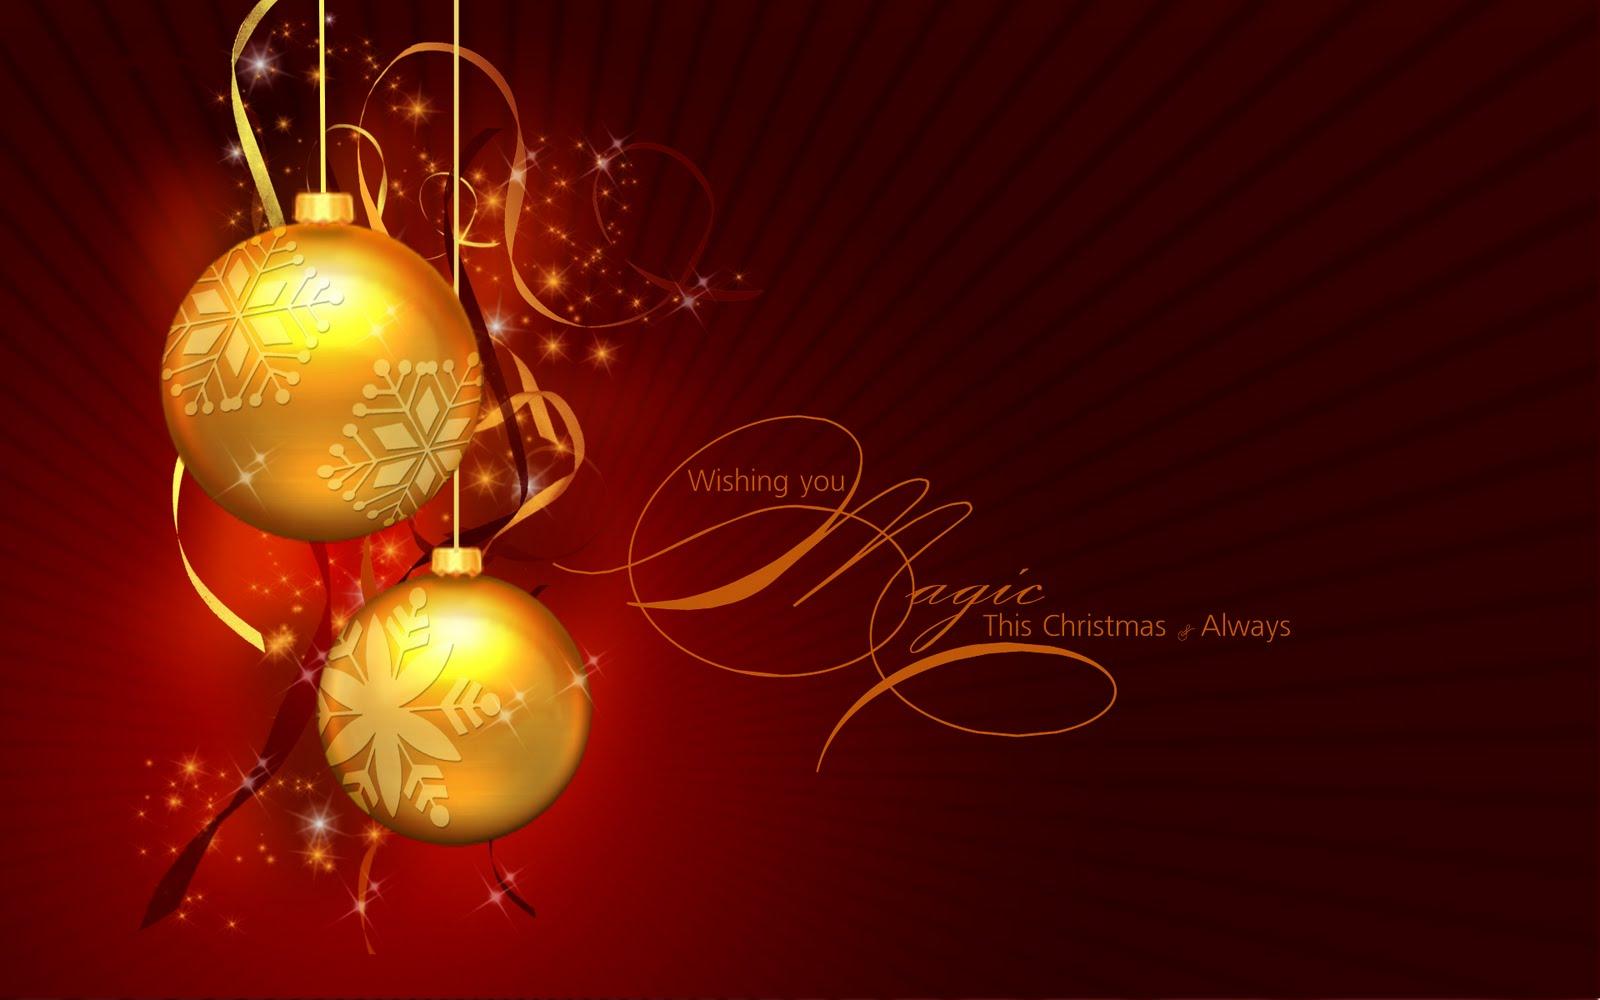 http://2.bp.blogspot.com/_d2x3HWe8Qe0/TQkUKGaytKI/AAAAAAAAF5g/M174_Bzg3hc/s1600/A_Magic_Christmas.jpg